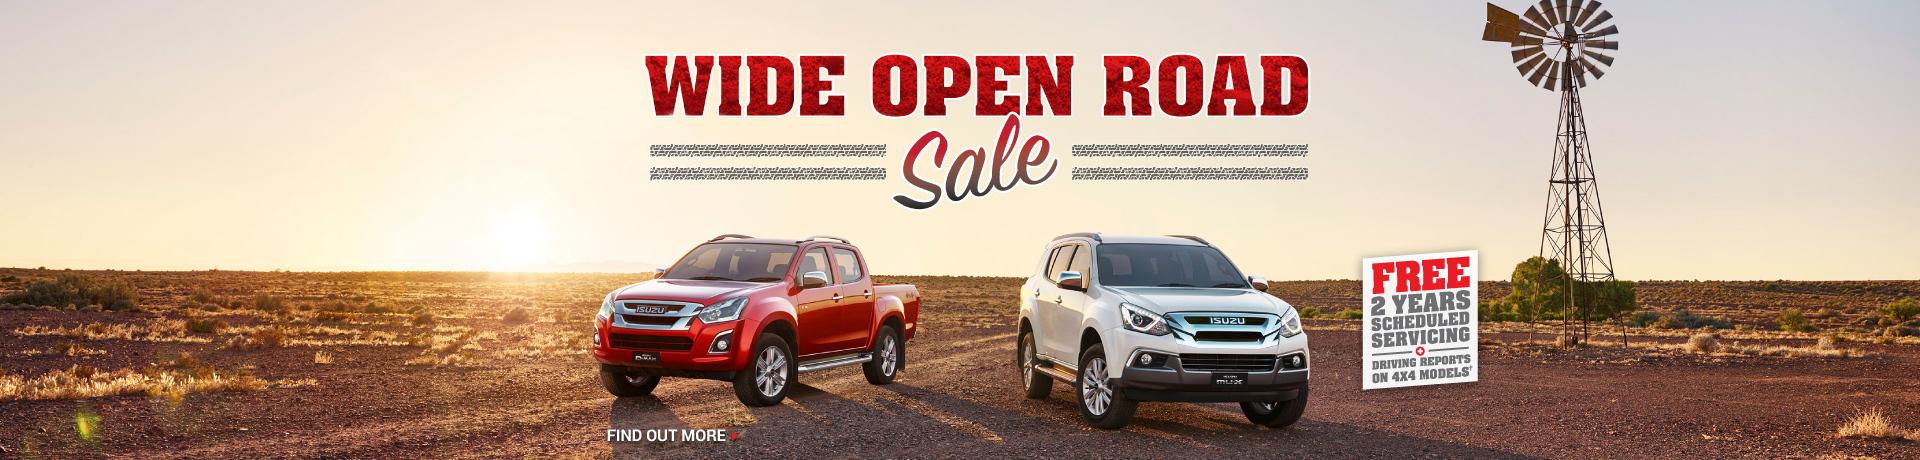 Wide Open Road Sale